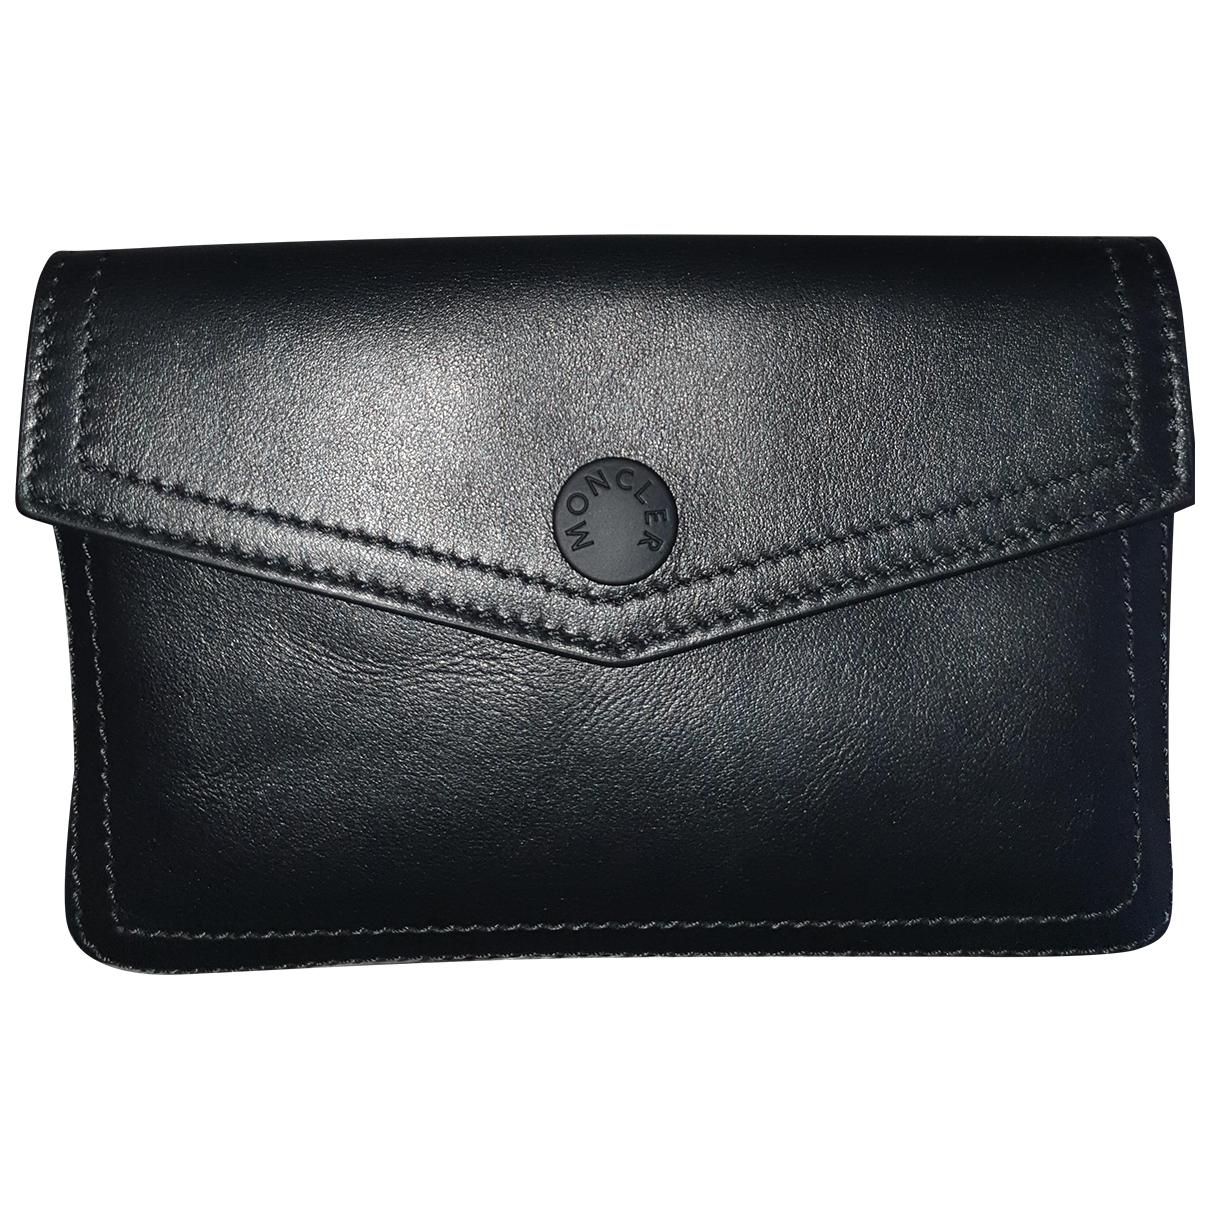 Moncler \N Black Small bag, wallet & cases for Men \N